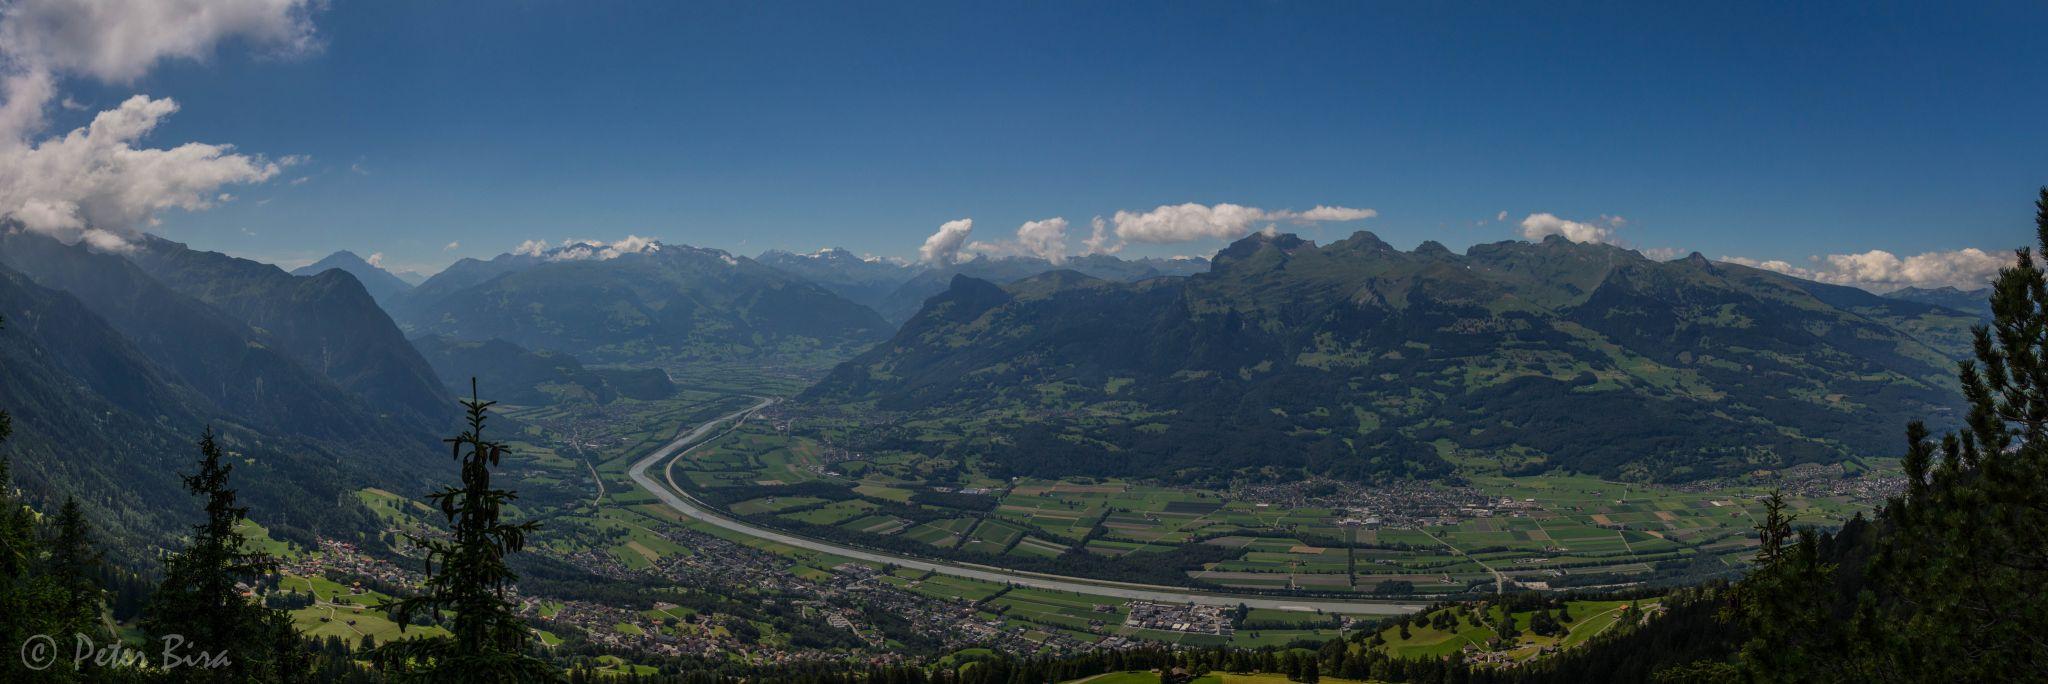 Plattaspitz, Liechtenstein